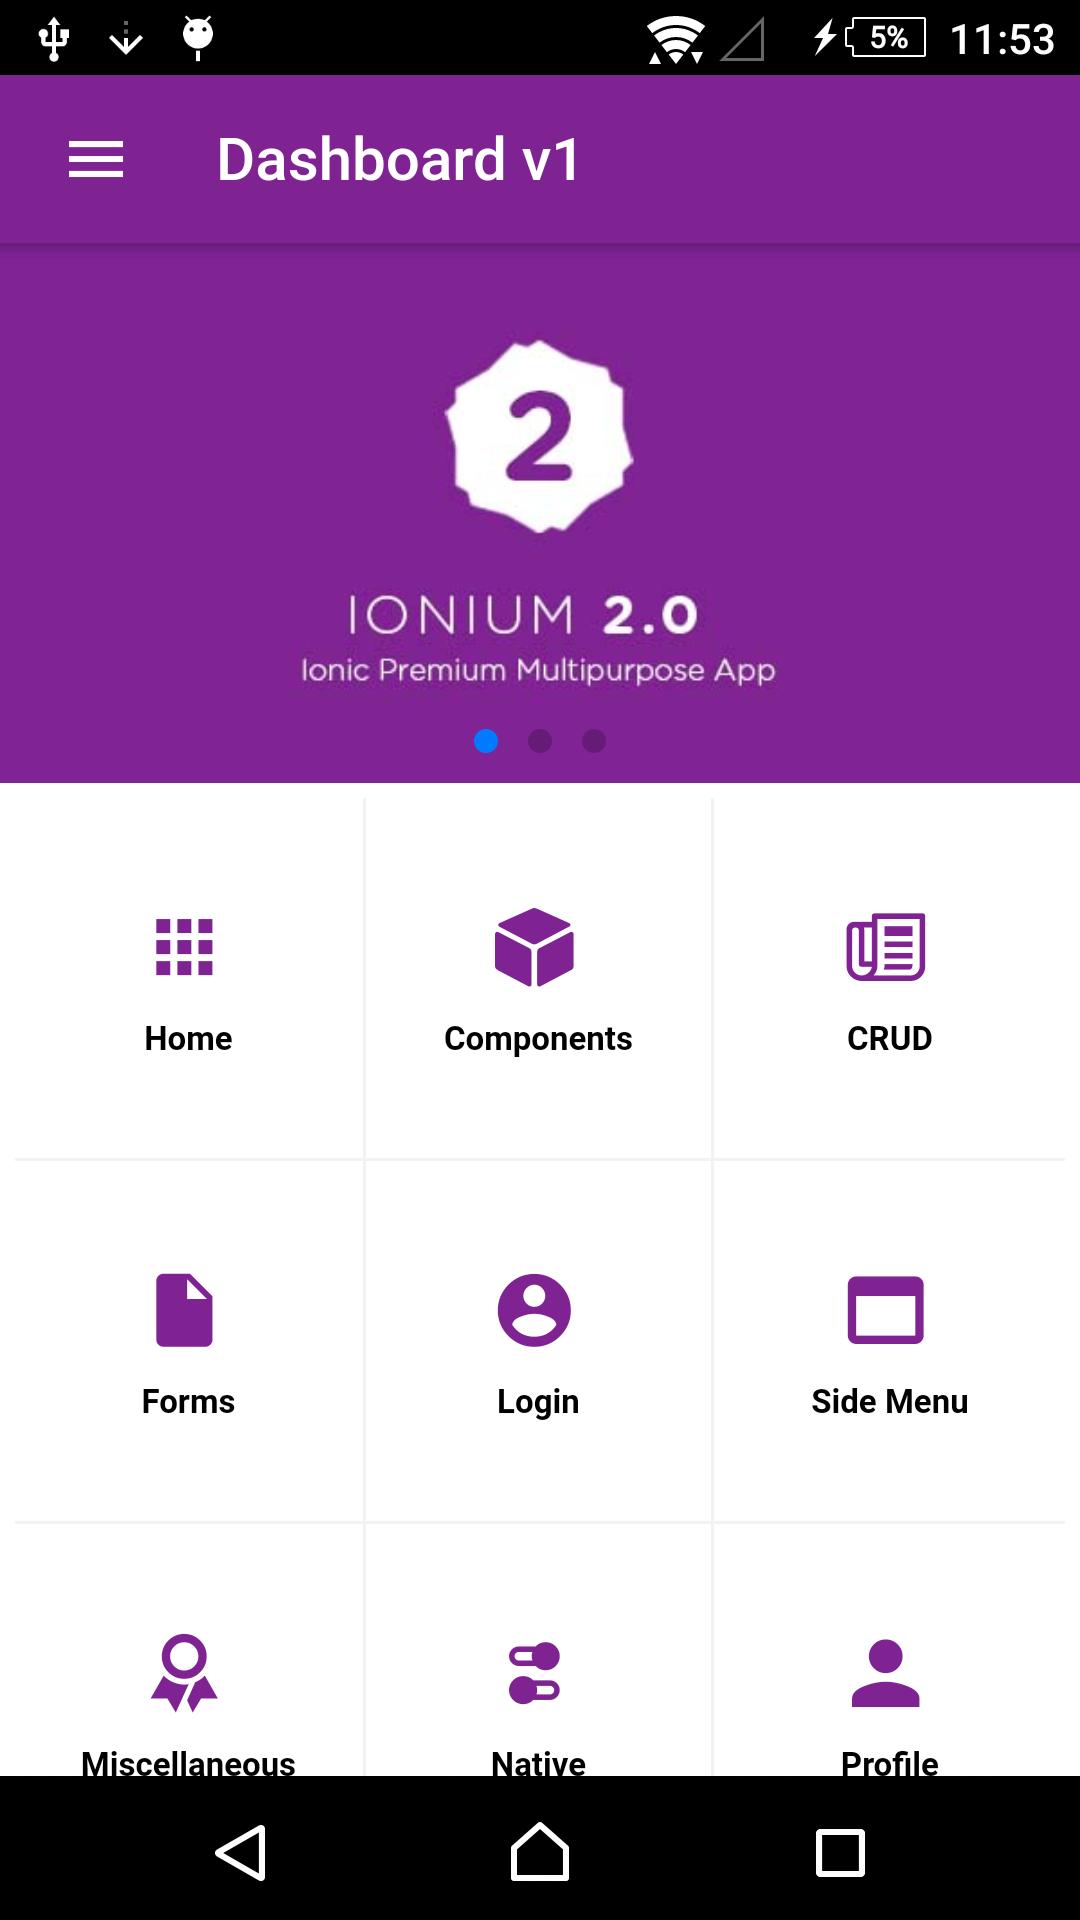 Ionium-2-ionic-multipurpose-app-templates - Ionic Marketplace